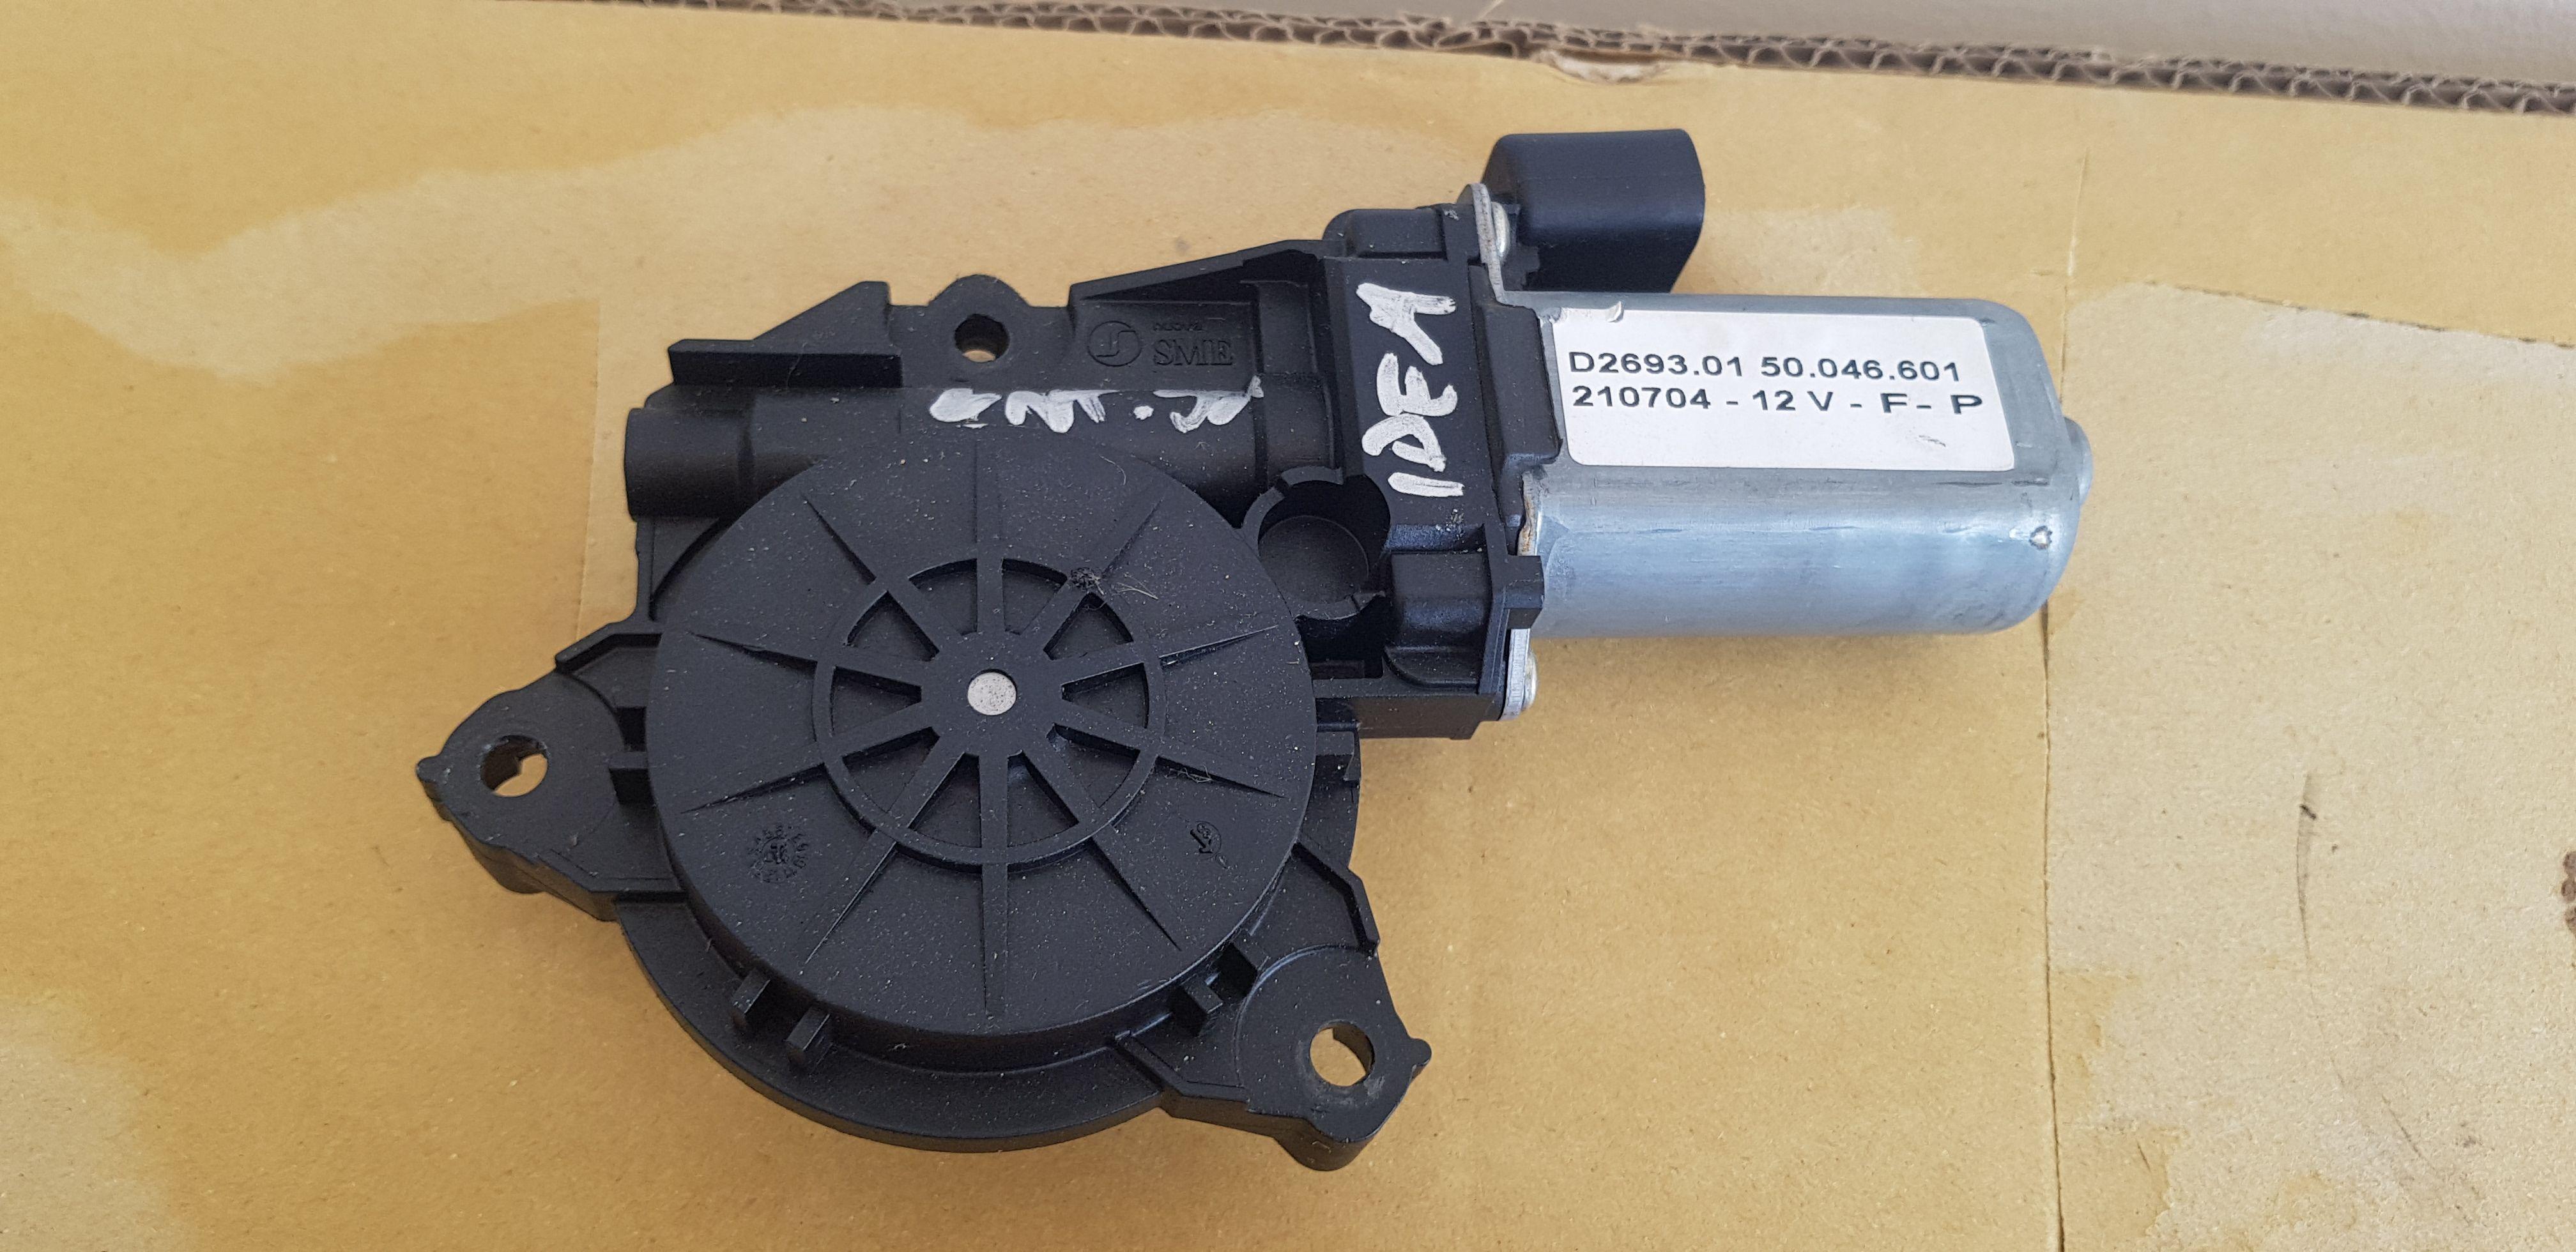 D2693.01 MOTORINO ALZAVETRO ANTERIORE SINISTRO FIAT Idea 1° Serie Benzina  RICAMBI USATI